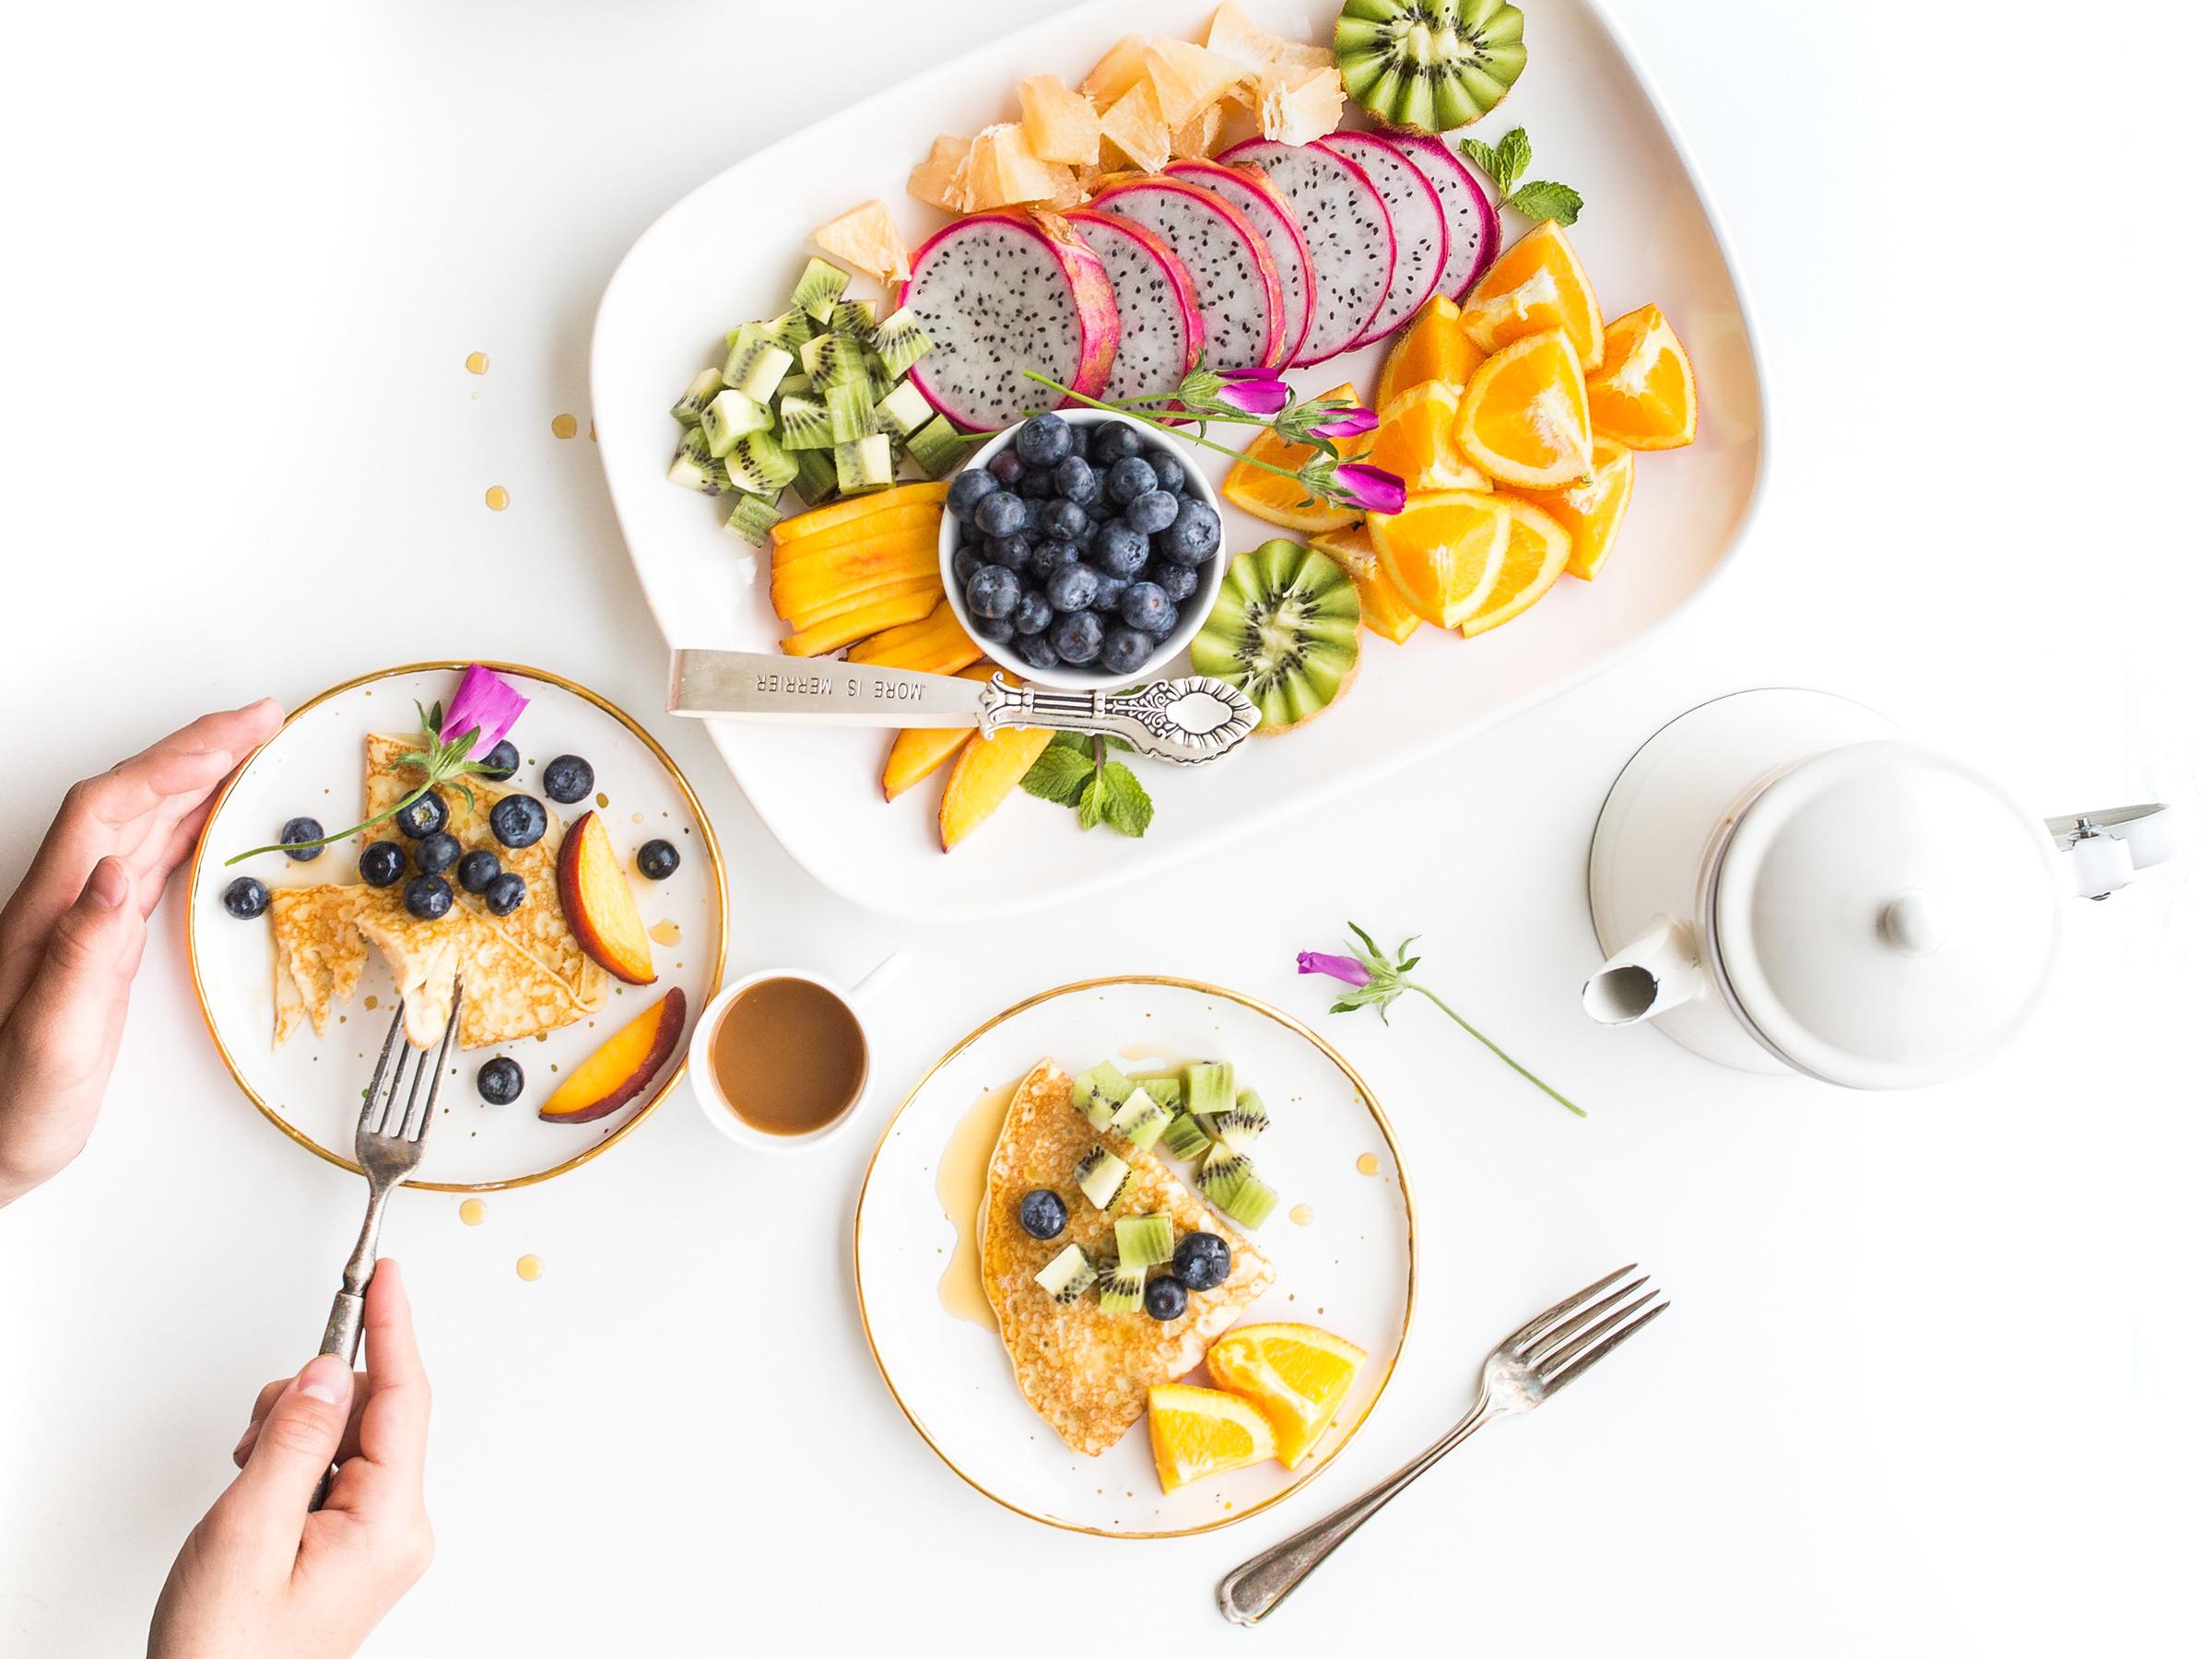 Bella Bistro Culinary Studio